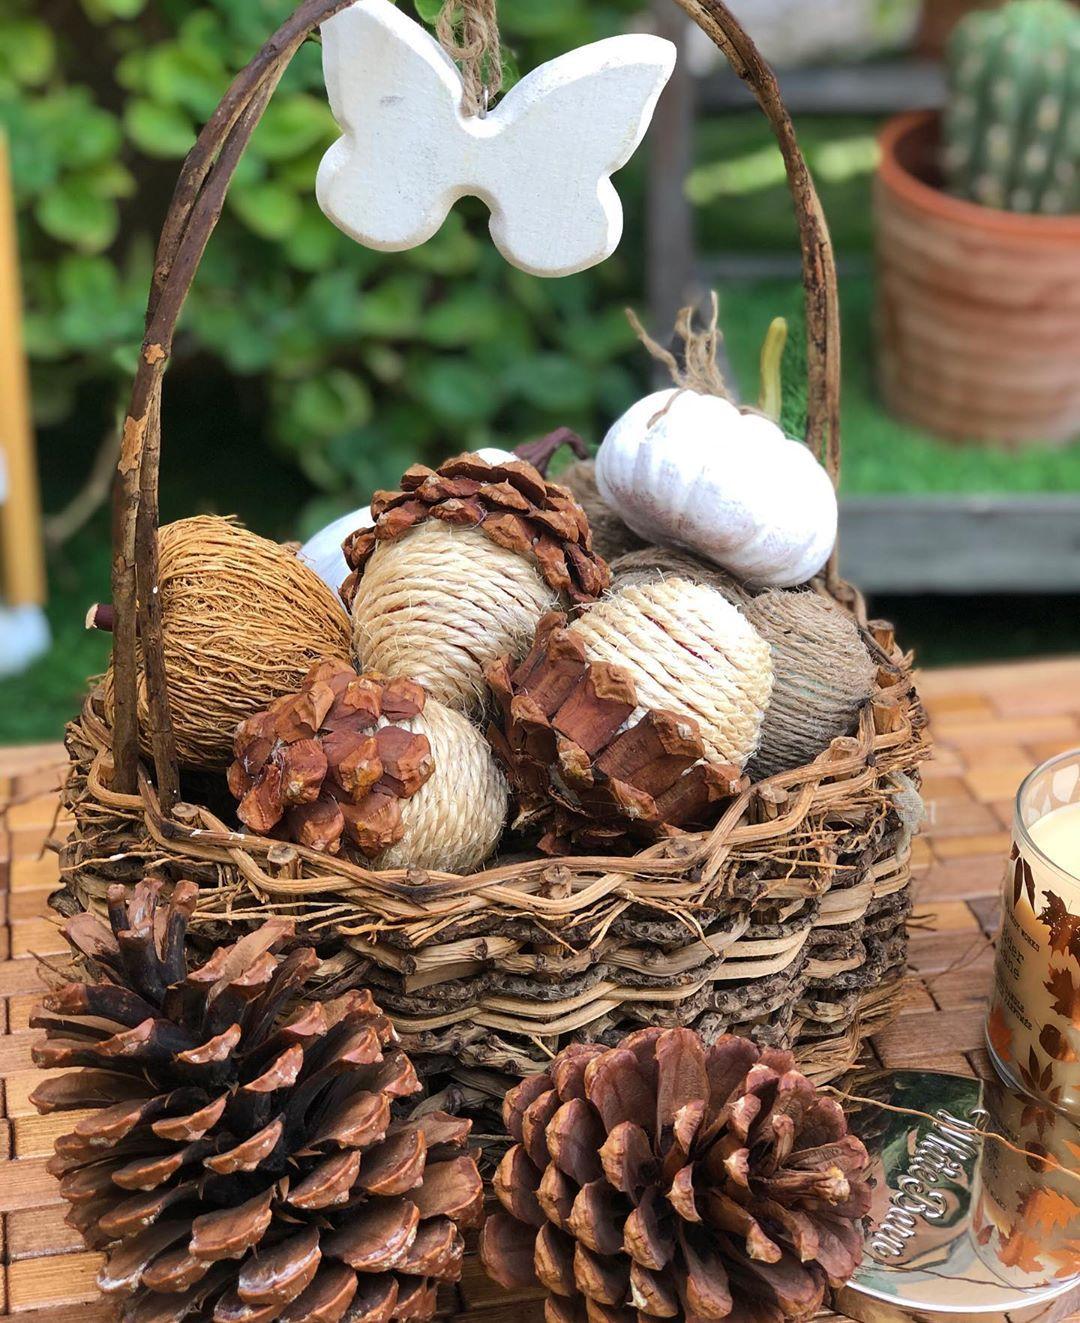 طريقة عمل صنوبر واستخدامه كديكور خريفي جميل في المنزل استخدمي معطرات الاثاث او زيوت عطريه مناسبه زي ر Decorative Wicker Basket Wicker Baskets Decor